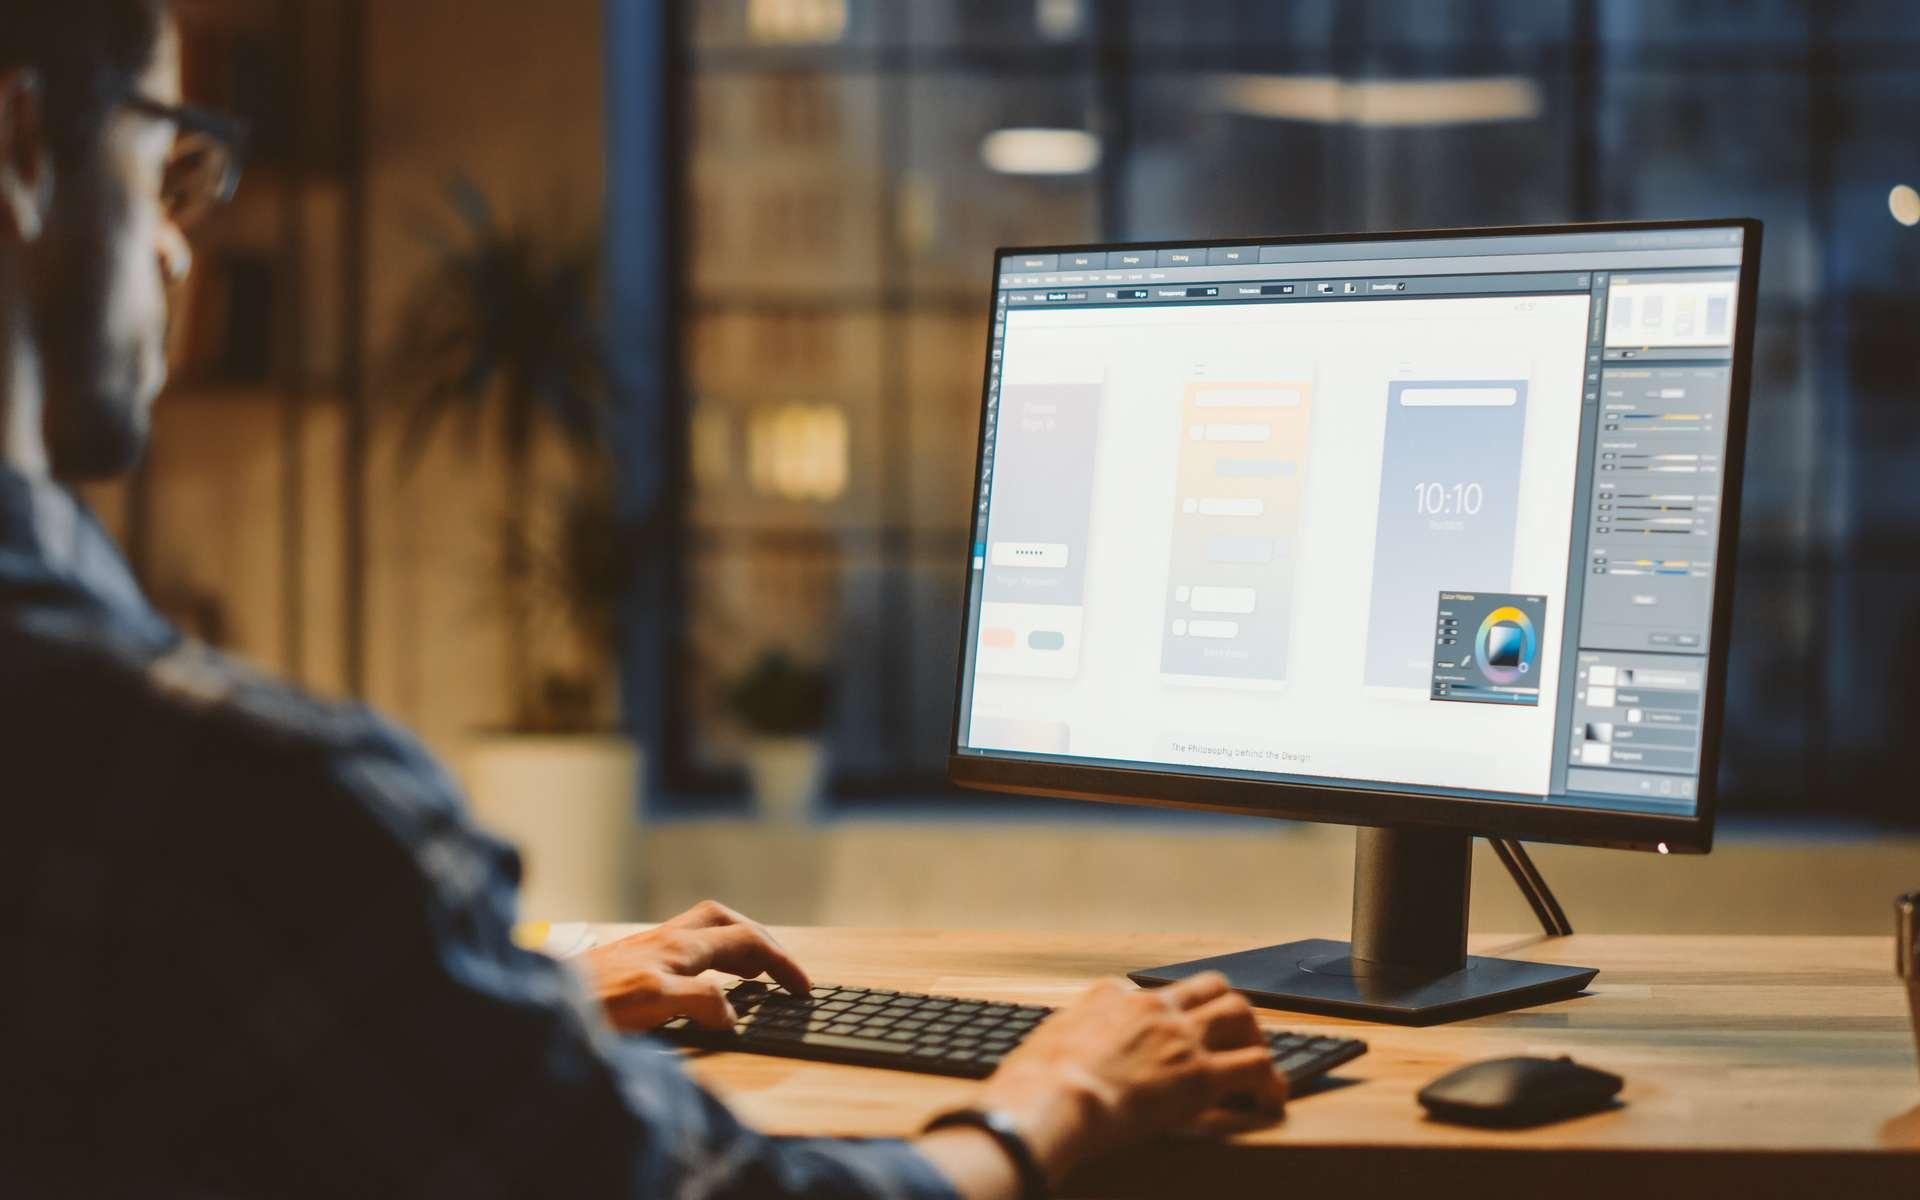 Les offres de Printemps : Windows 10 Pro à 7,25 euros, Office 2019 à 24,03 euros ! - Futura